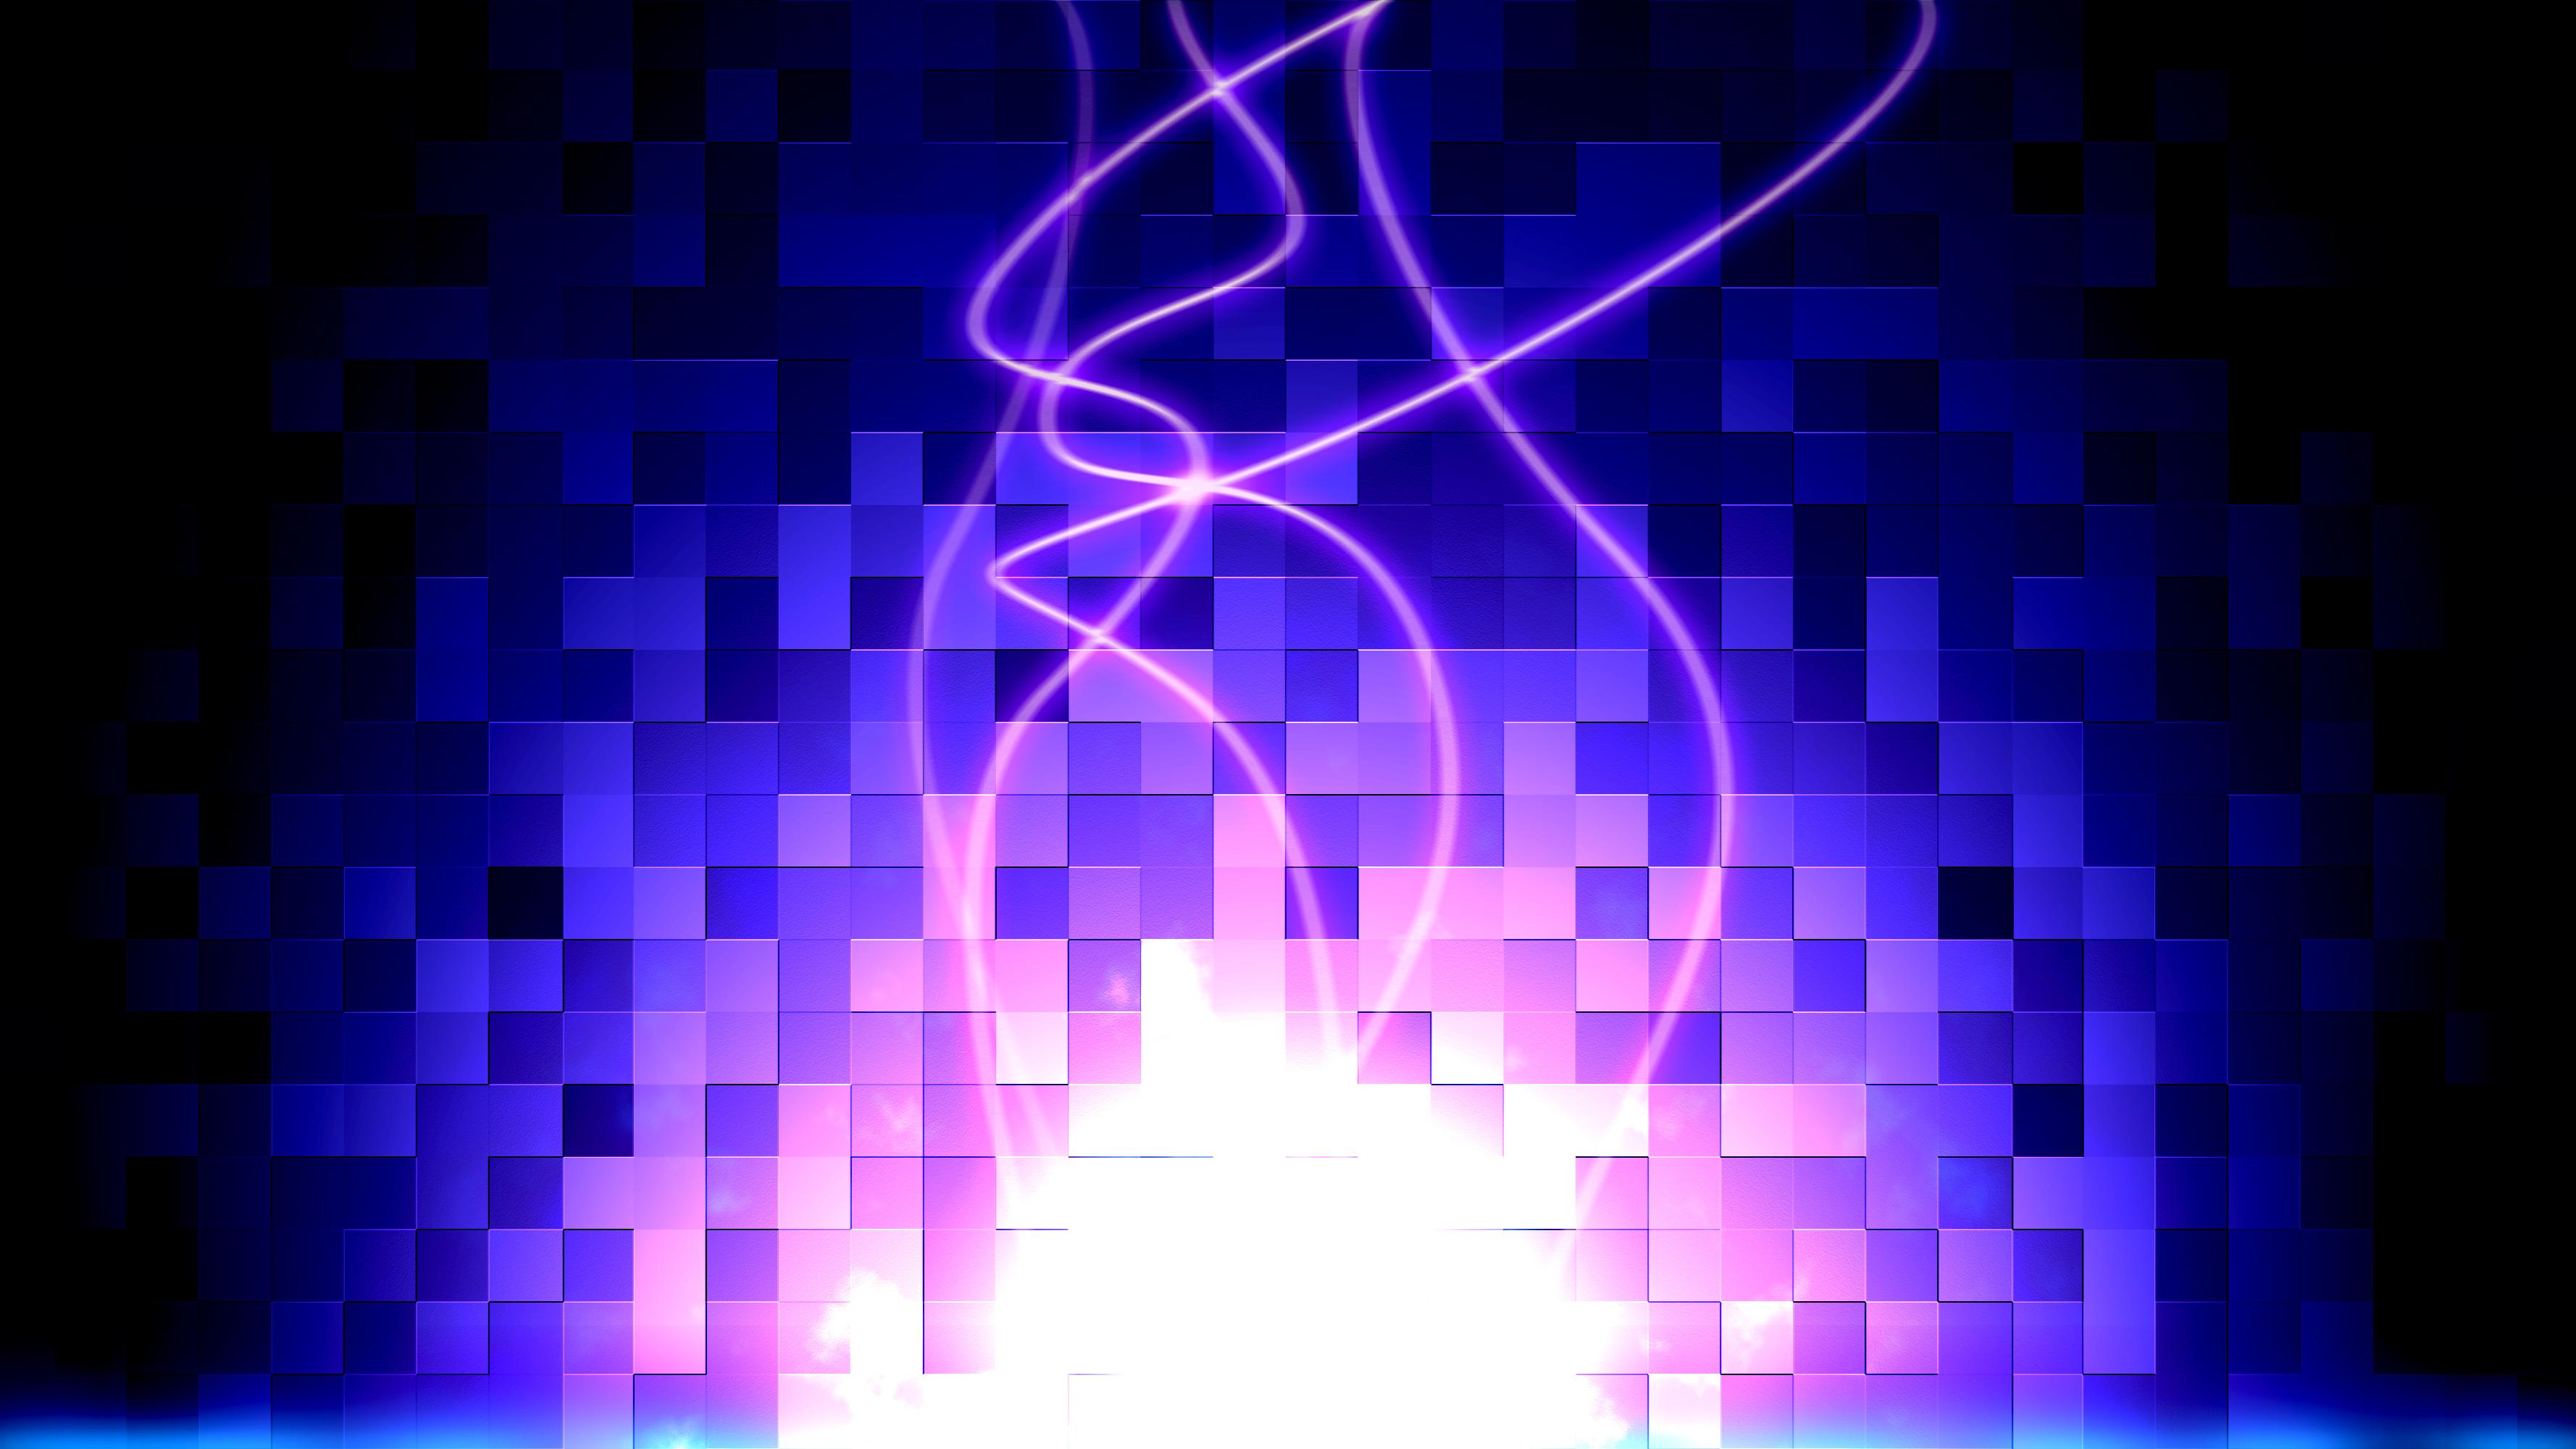 The Gems Glow HD Wallpaper